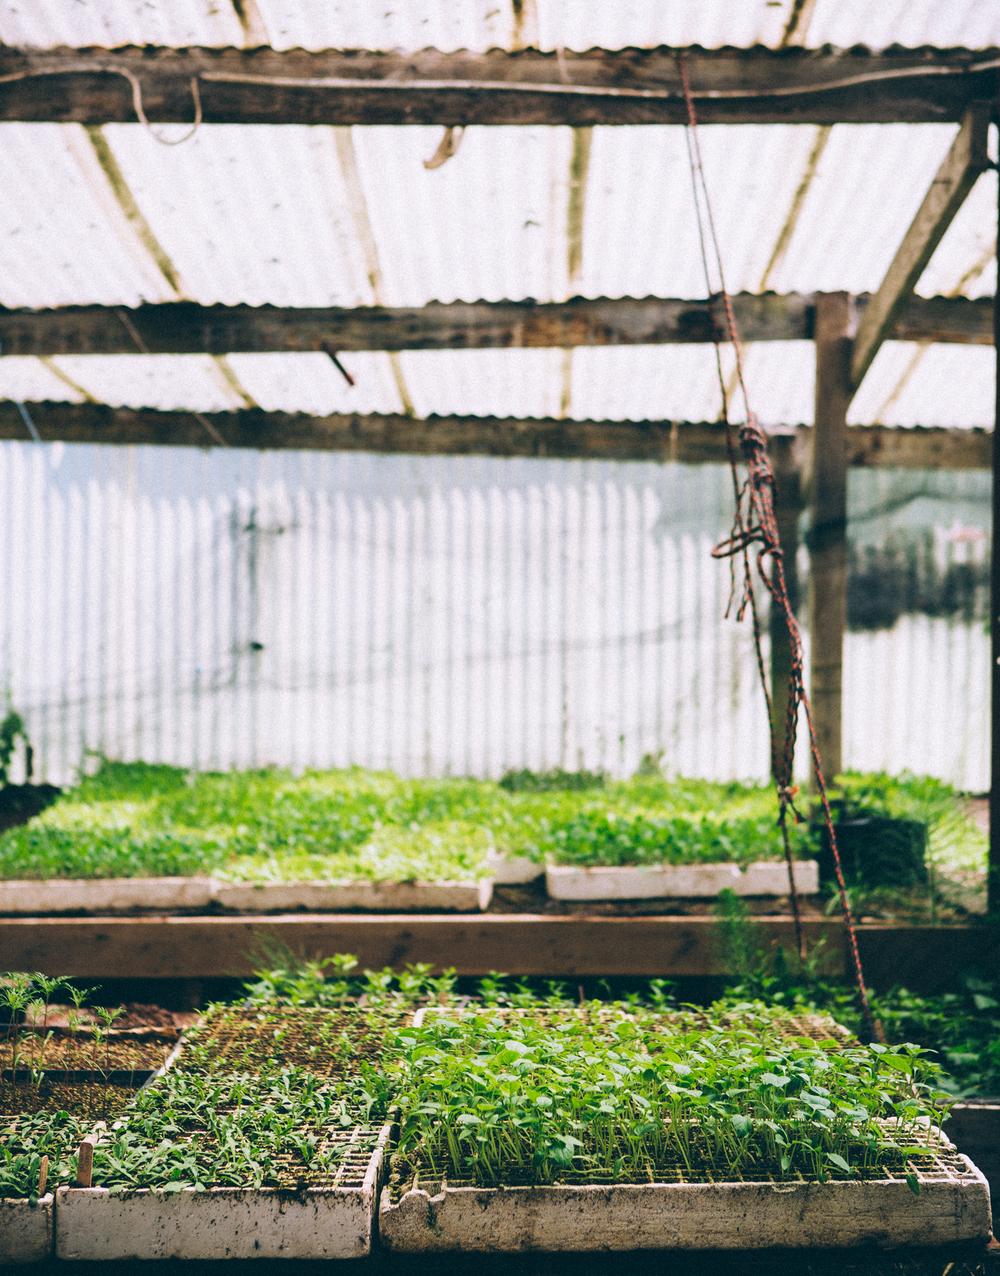 erinscott_farmsteads-15.jpg